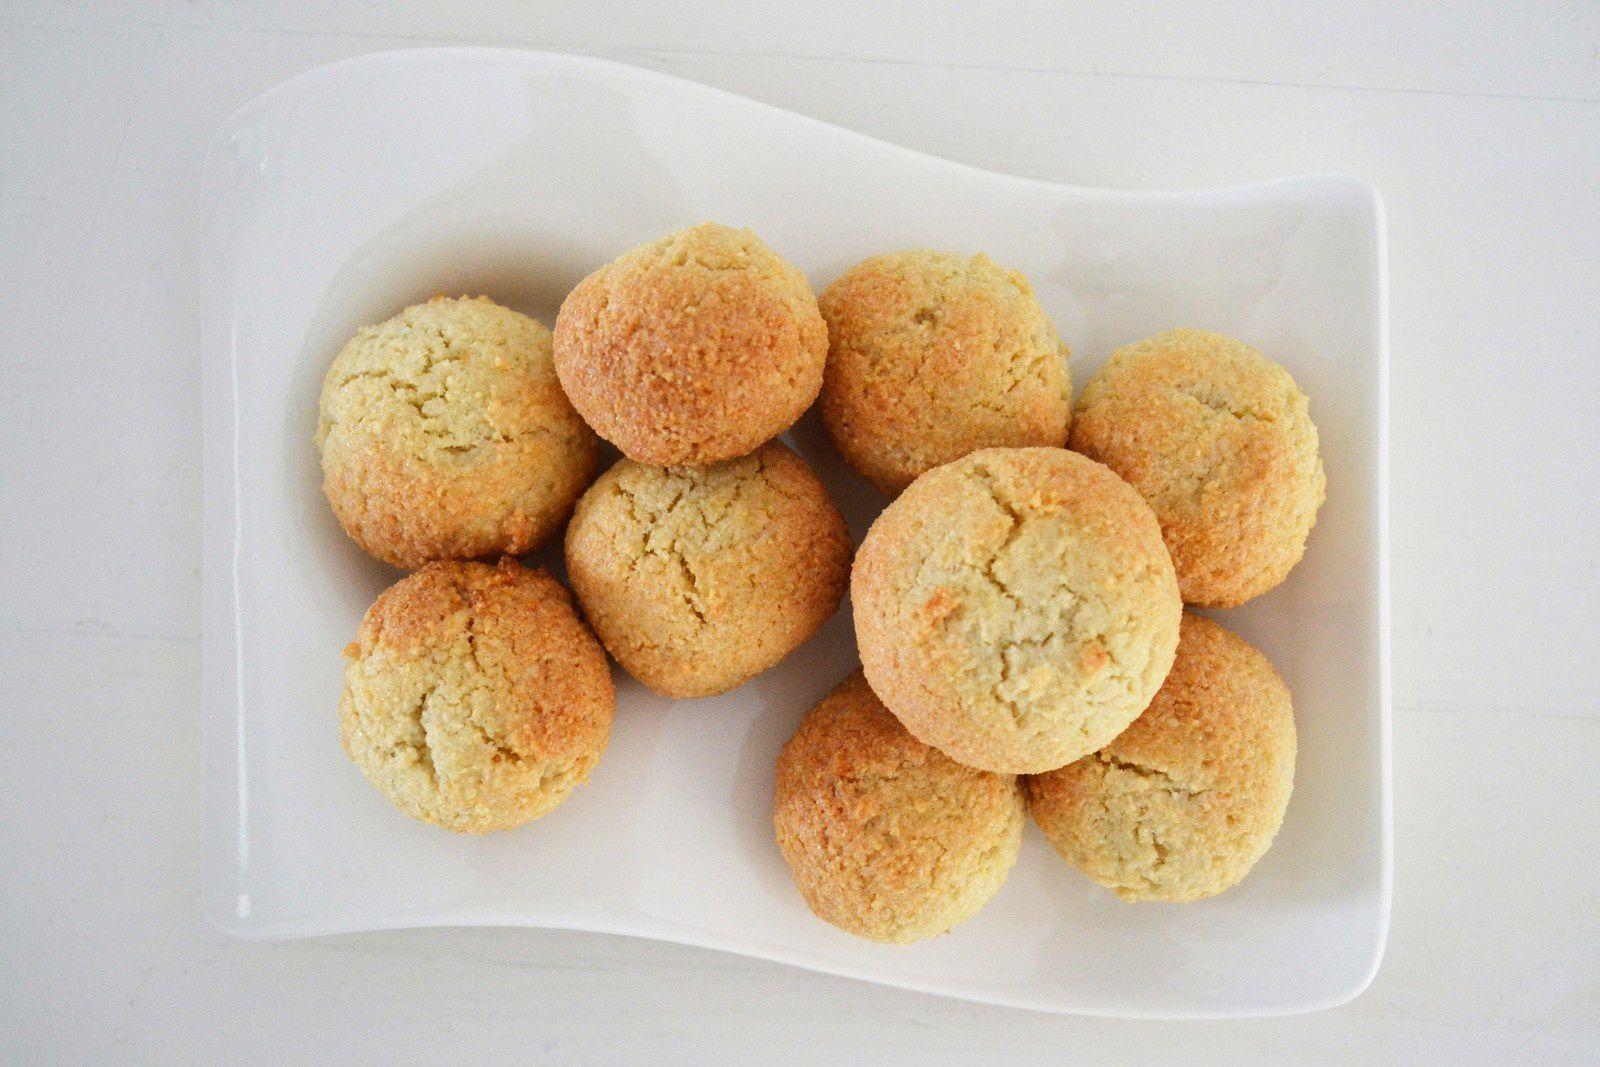 ... les 'tis macarons rapides, faciles et sans gluten